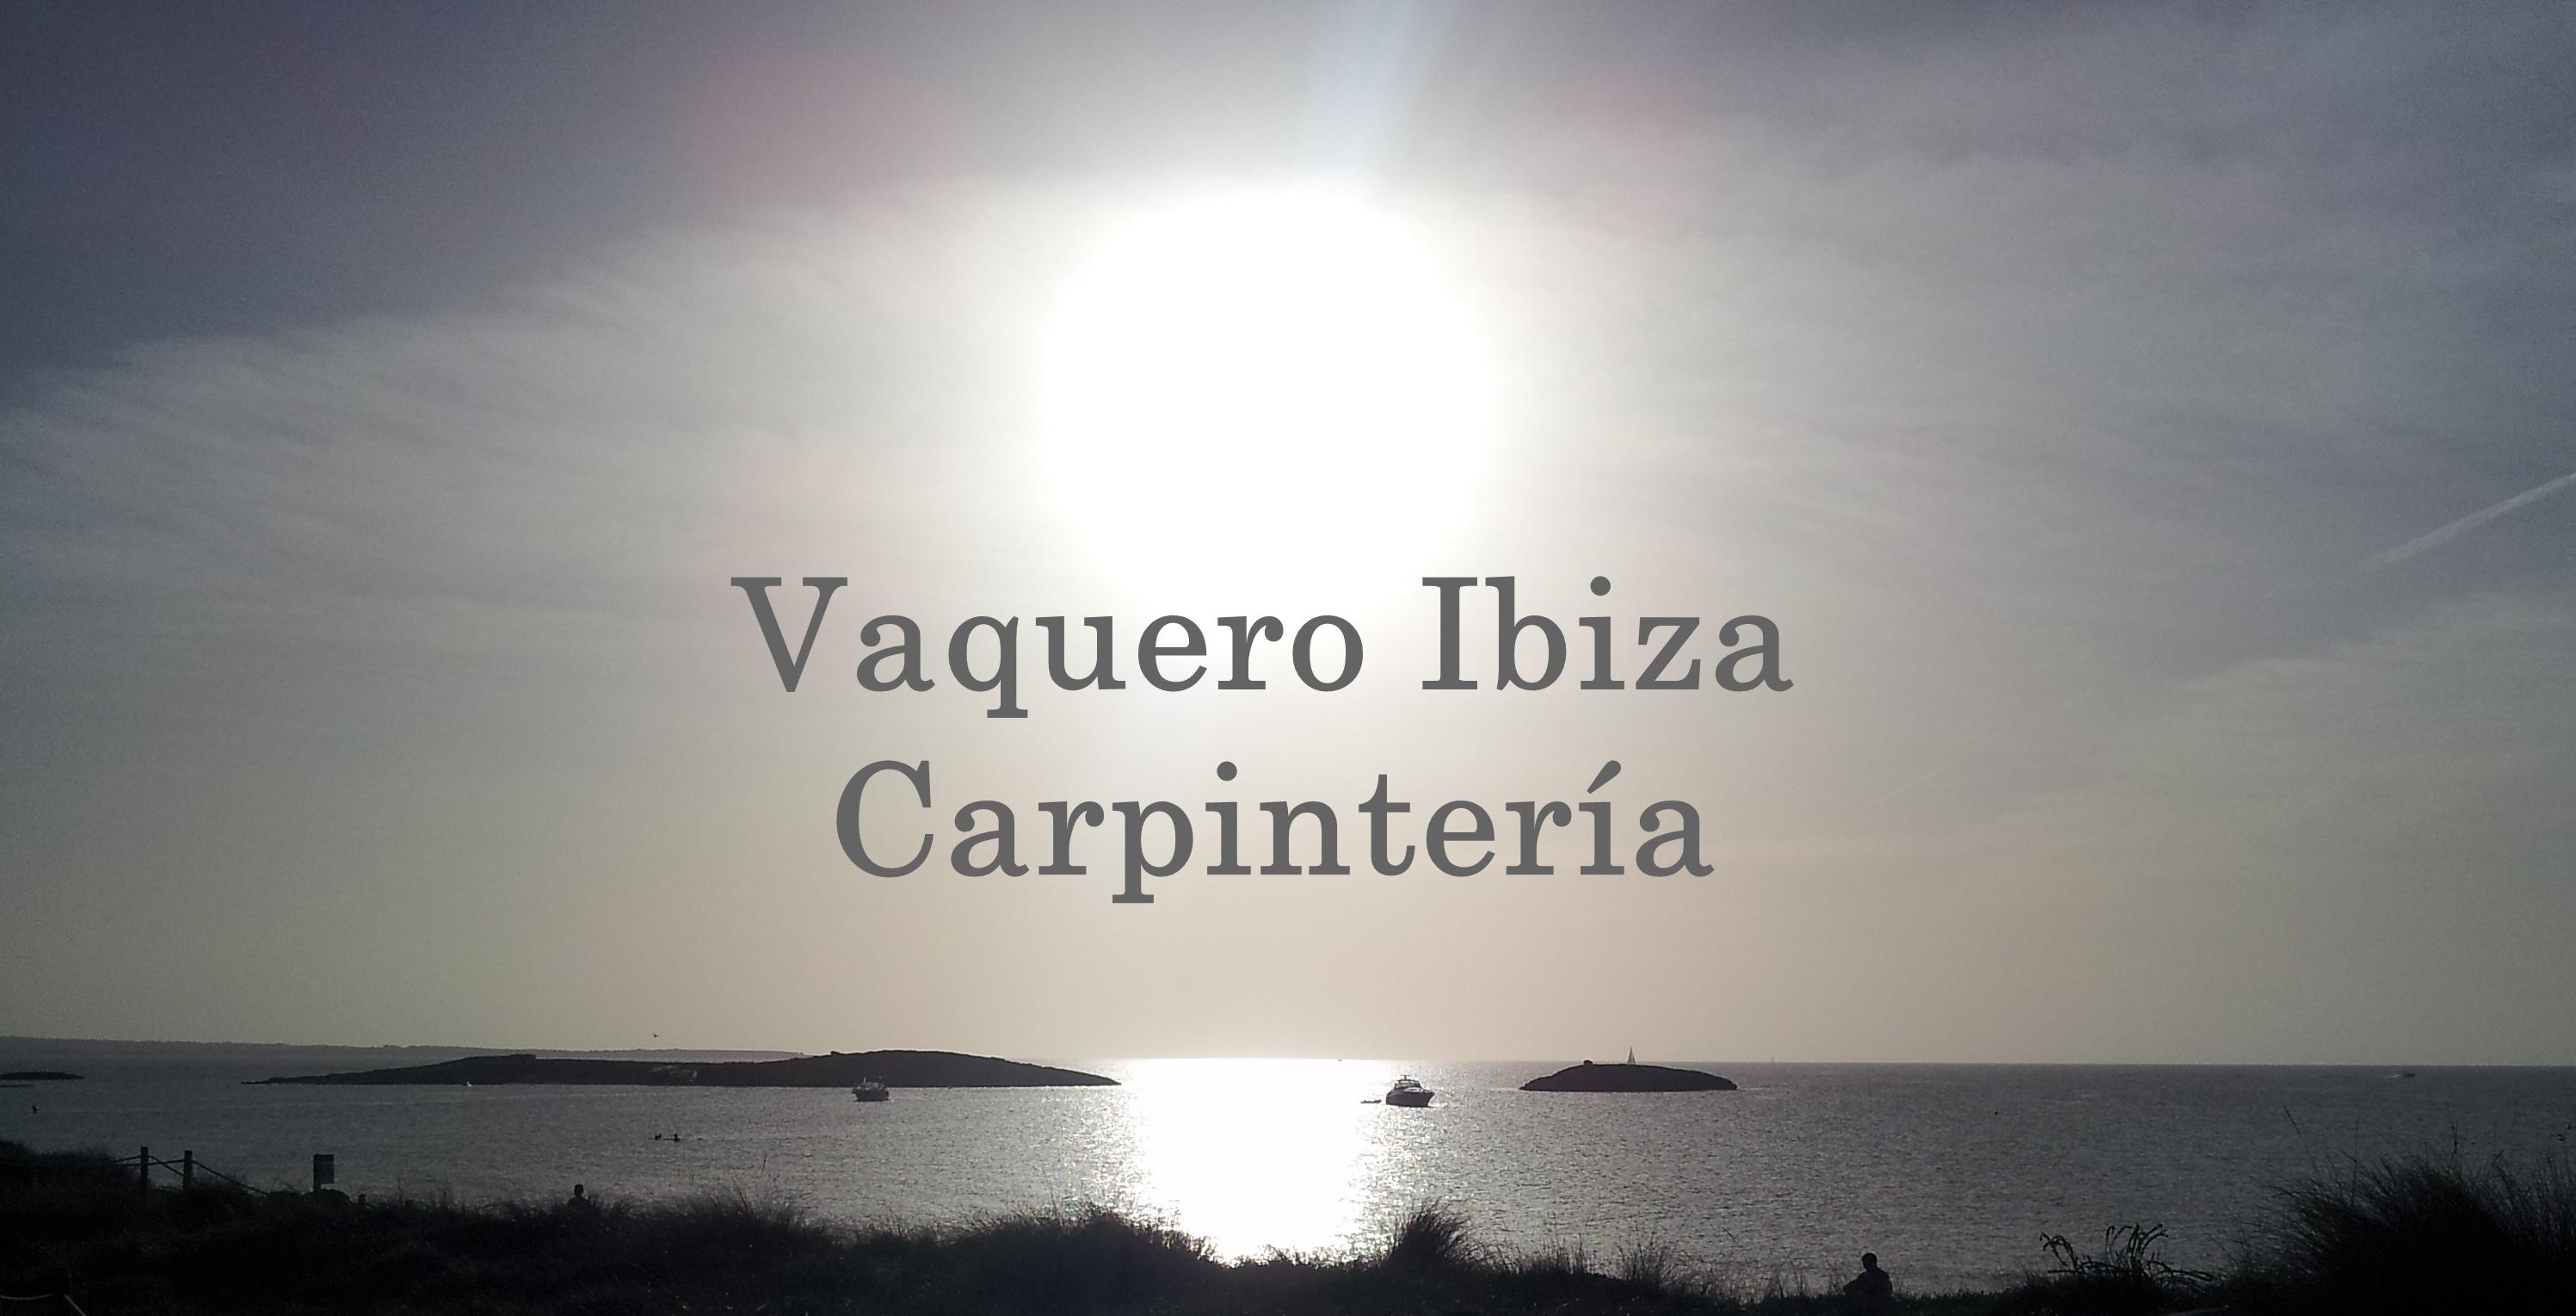 Vaquero Ibiza Carpintería